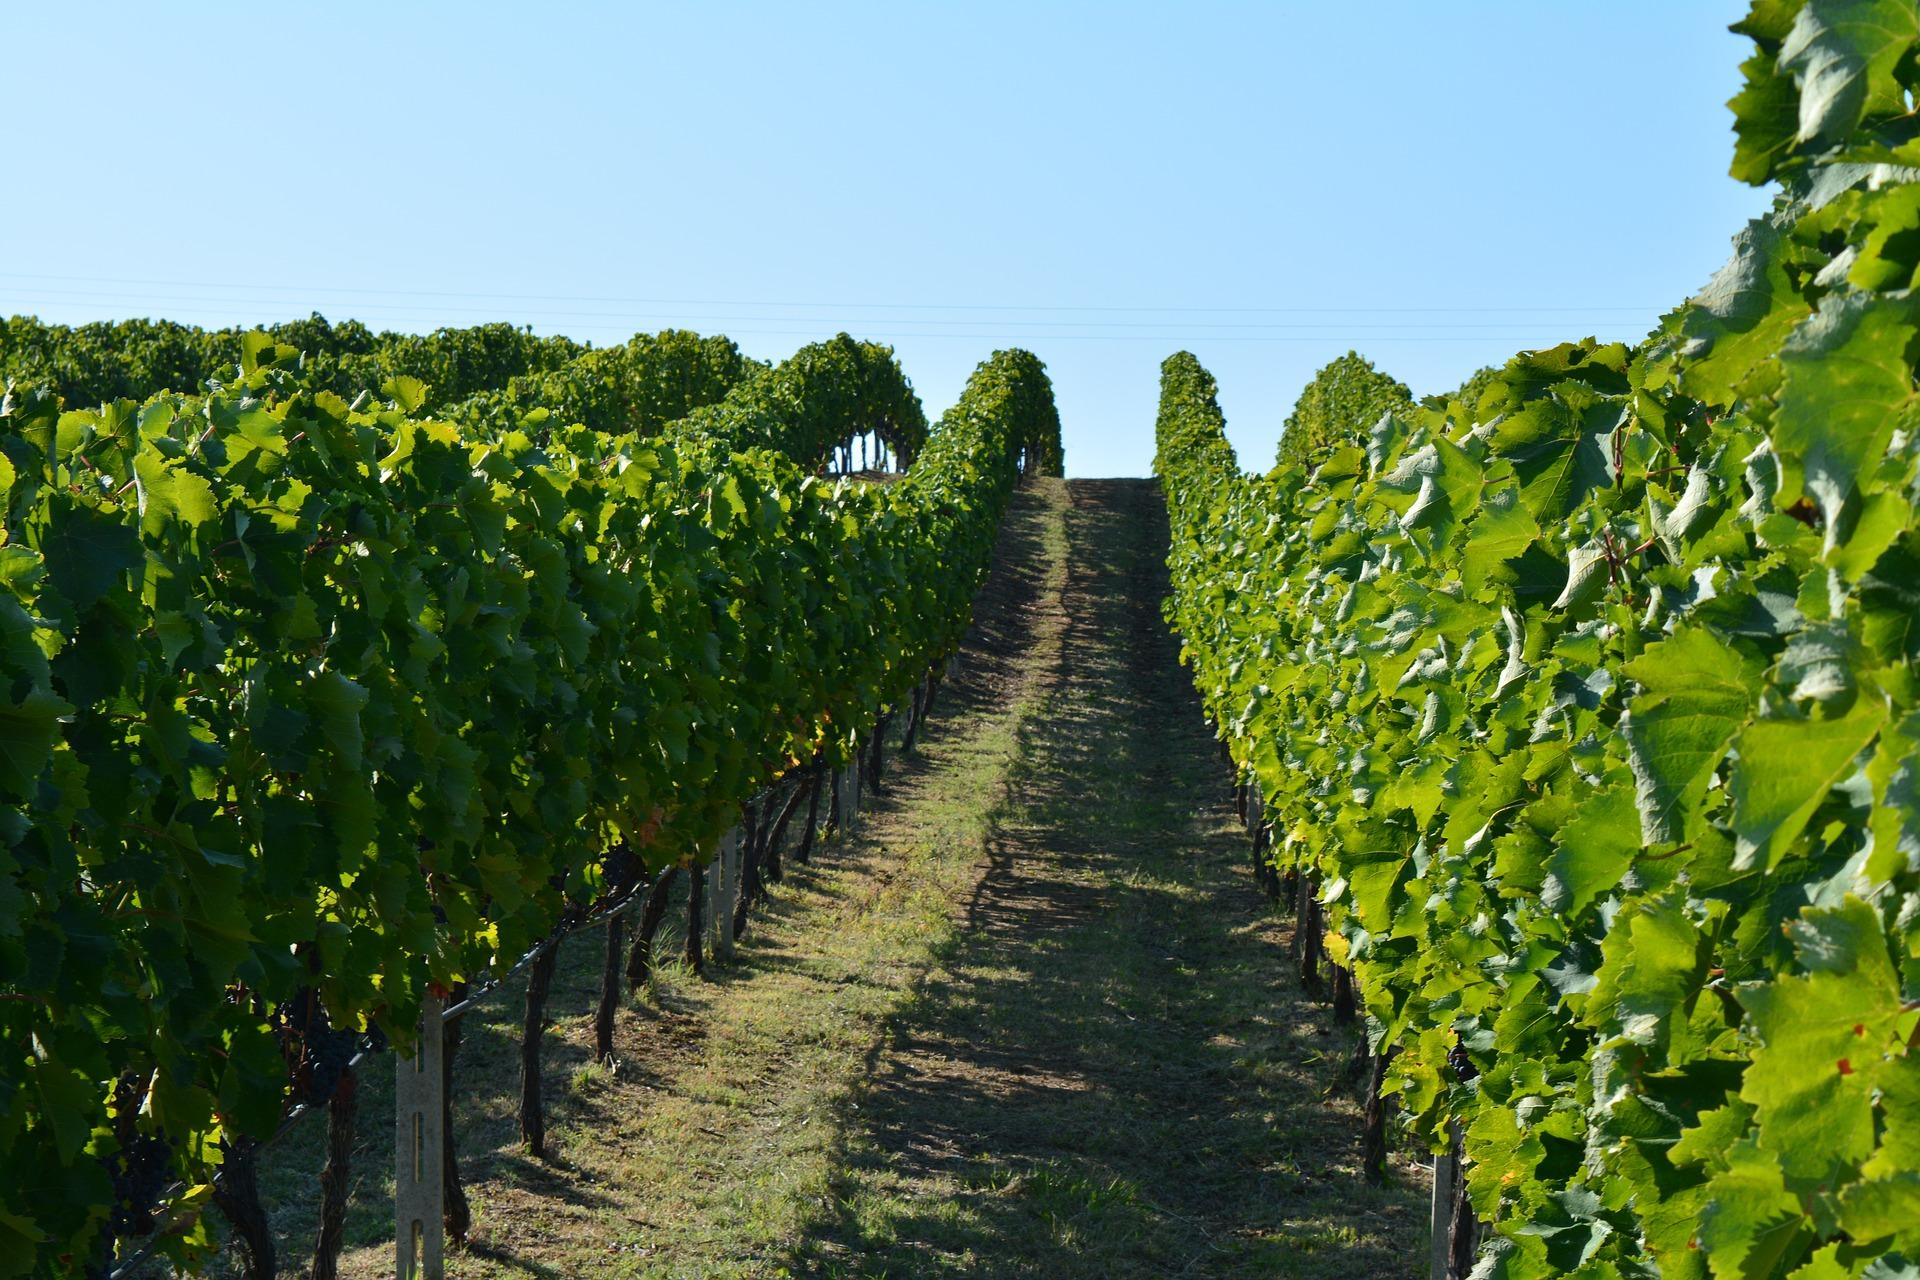 vineyard-1798049_1920.jpg